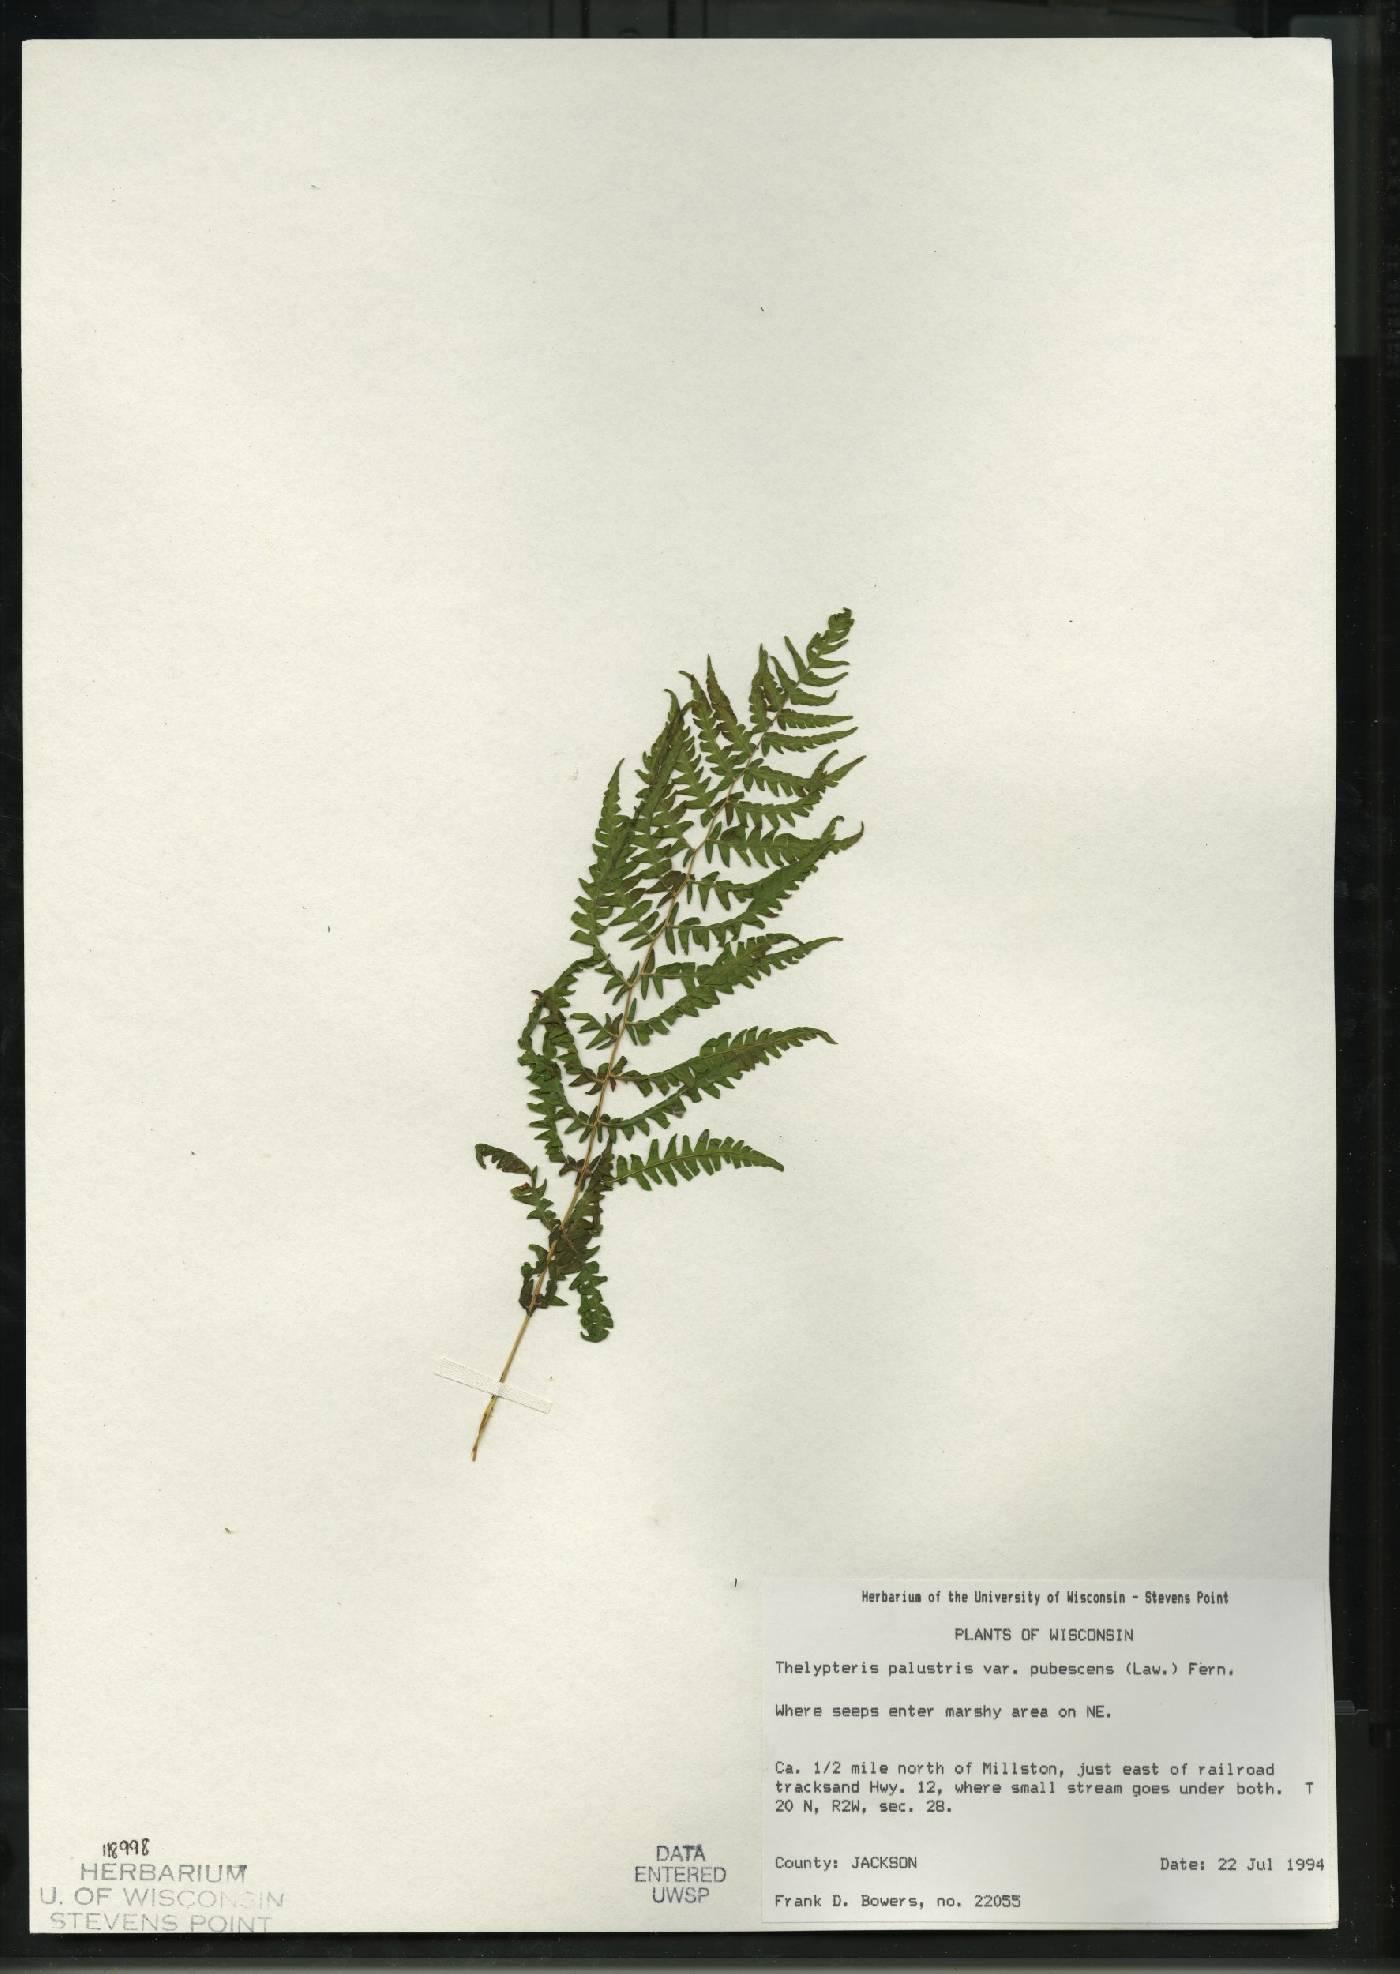 Thelypteris palustris var. pubescens image